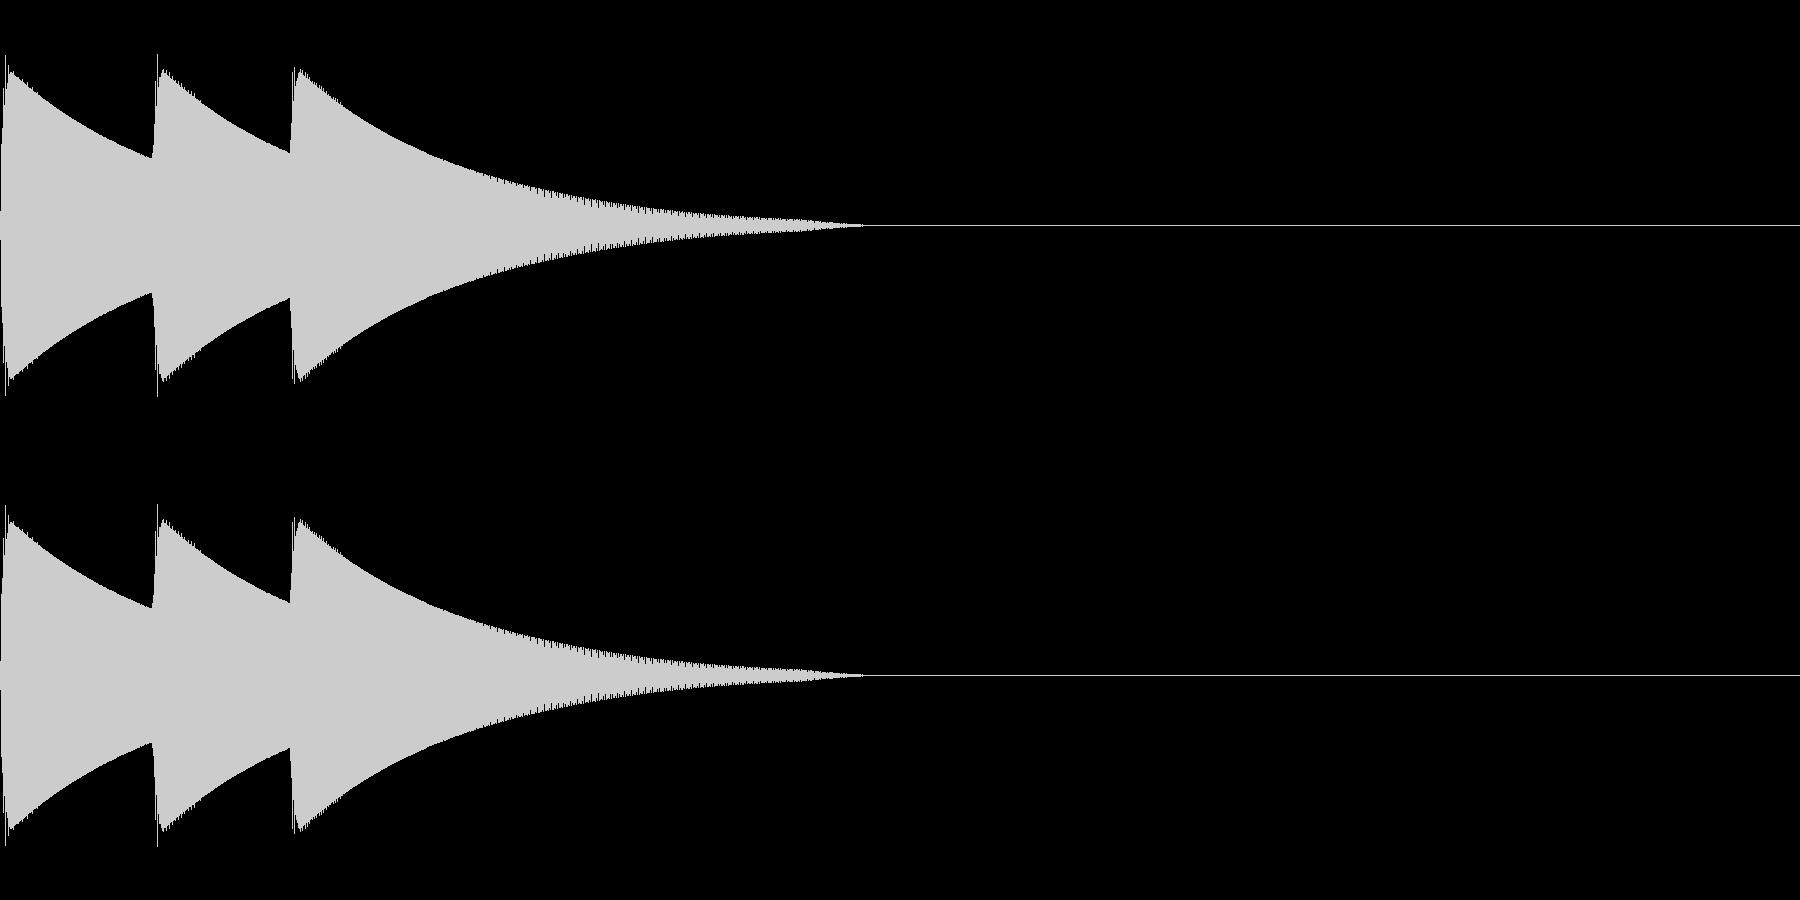 ボタン、クリック、アイテム獲得(低音域)の未再生の波形